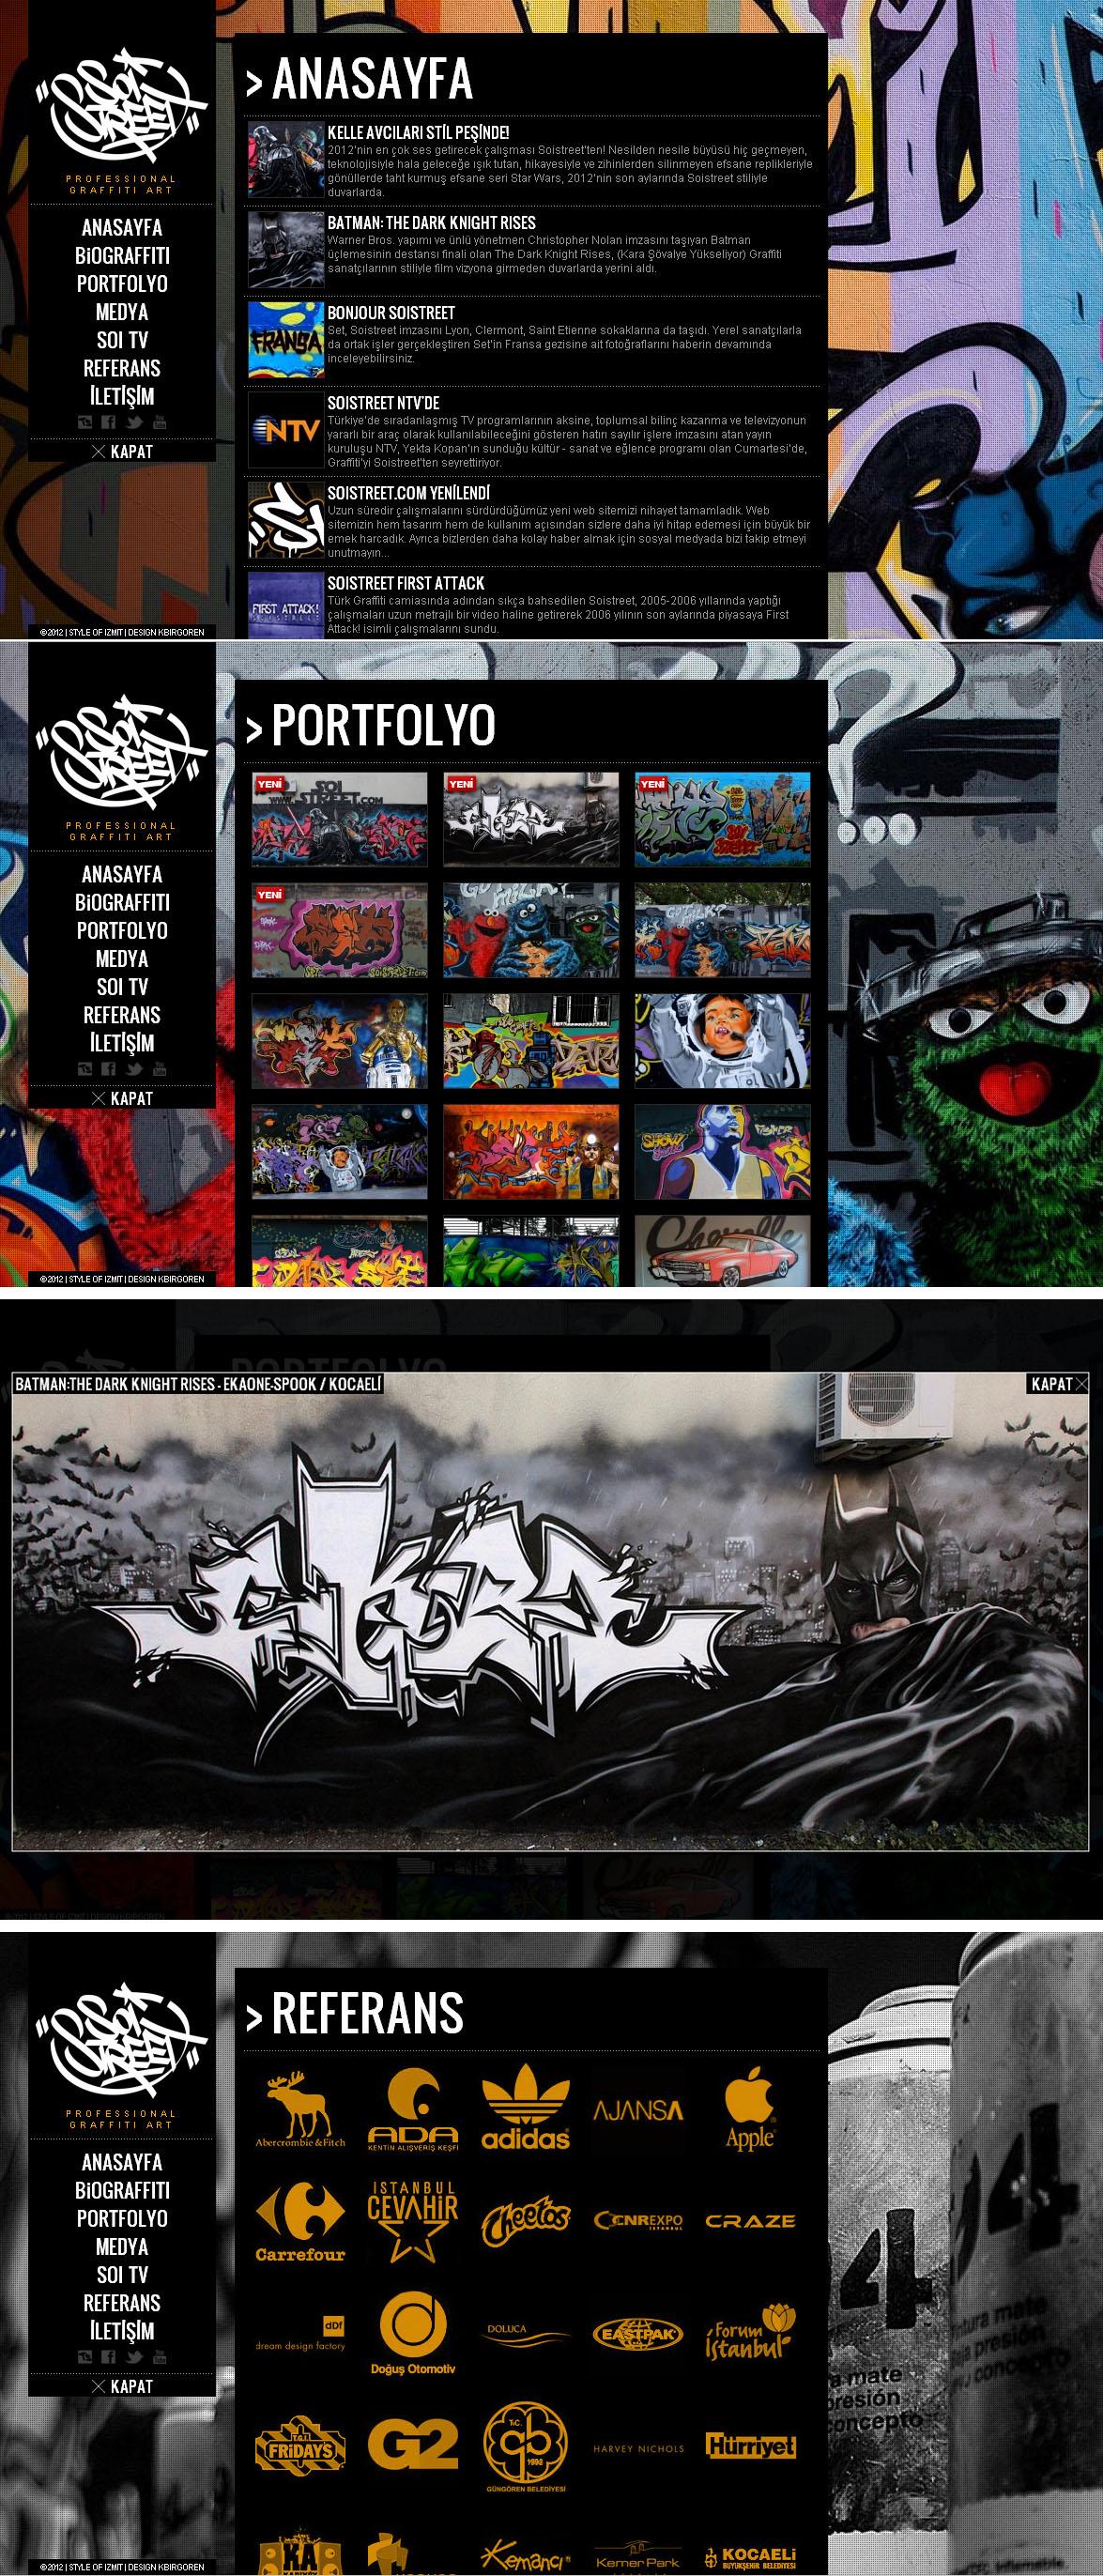 Soi Street Website Screenshot